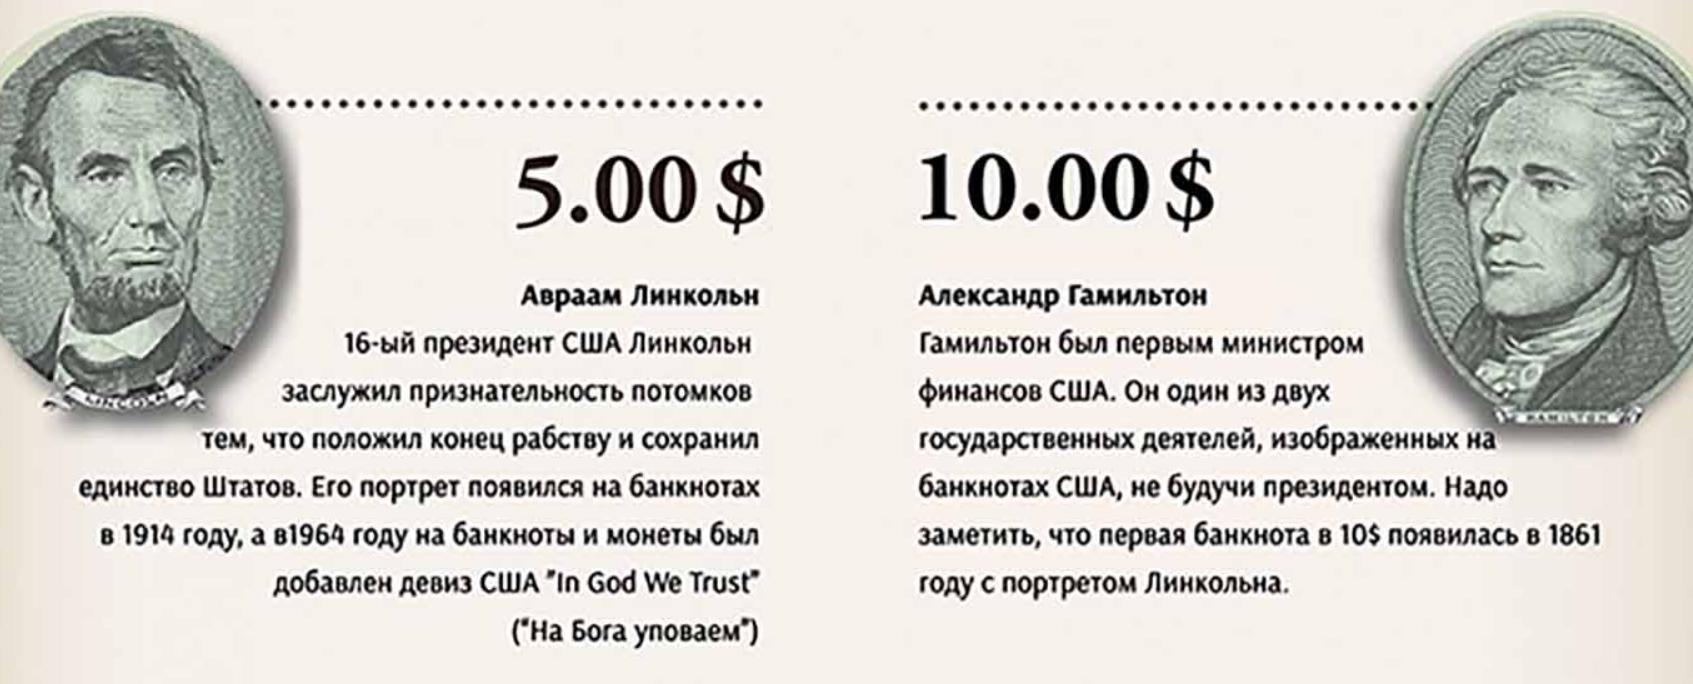 5 и 10 долларов США